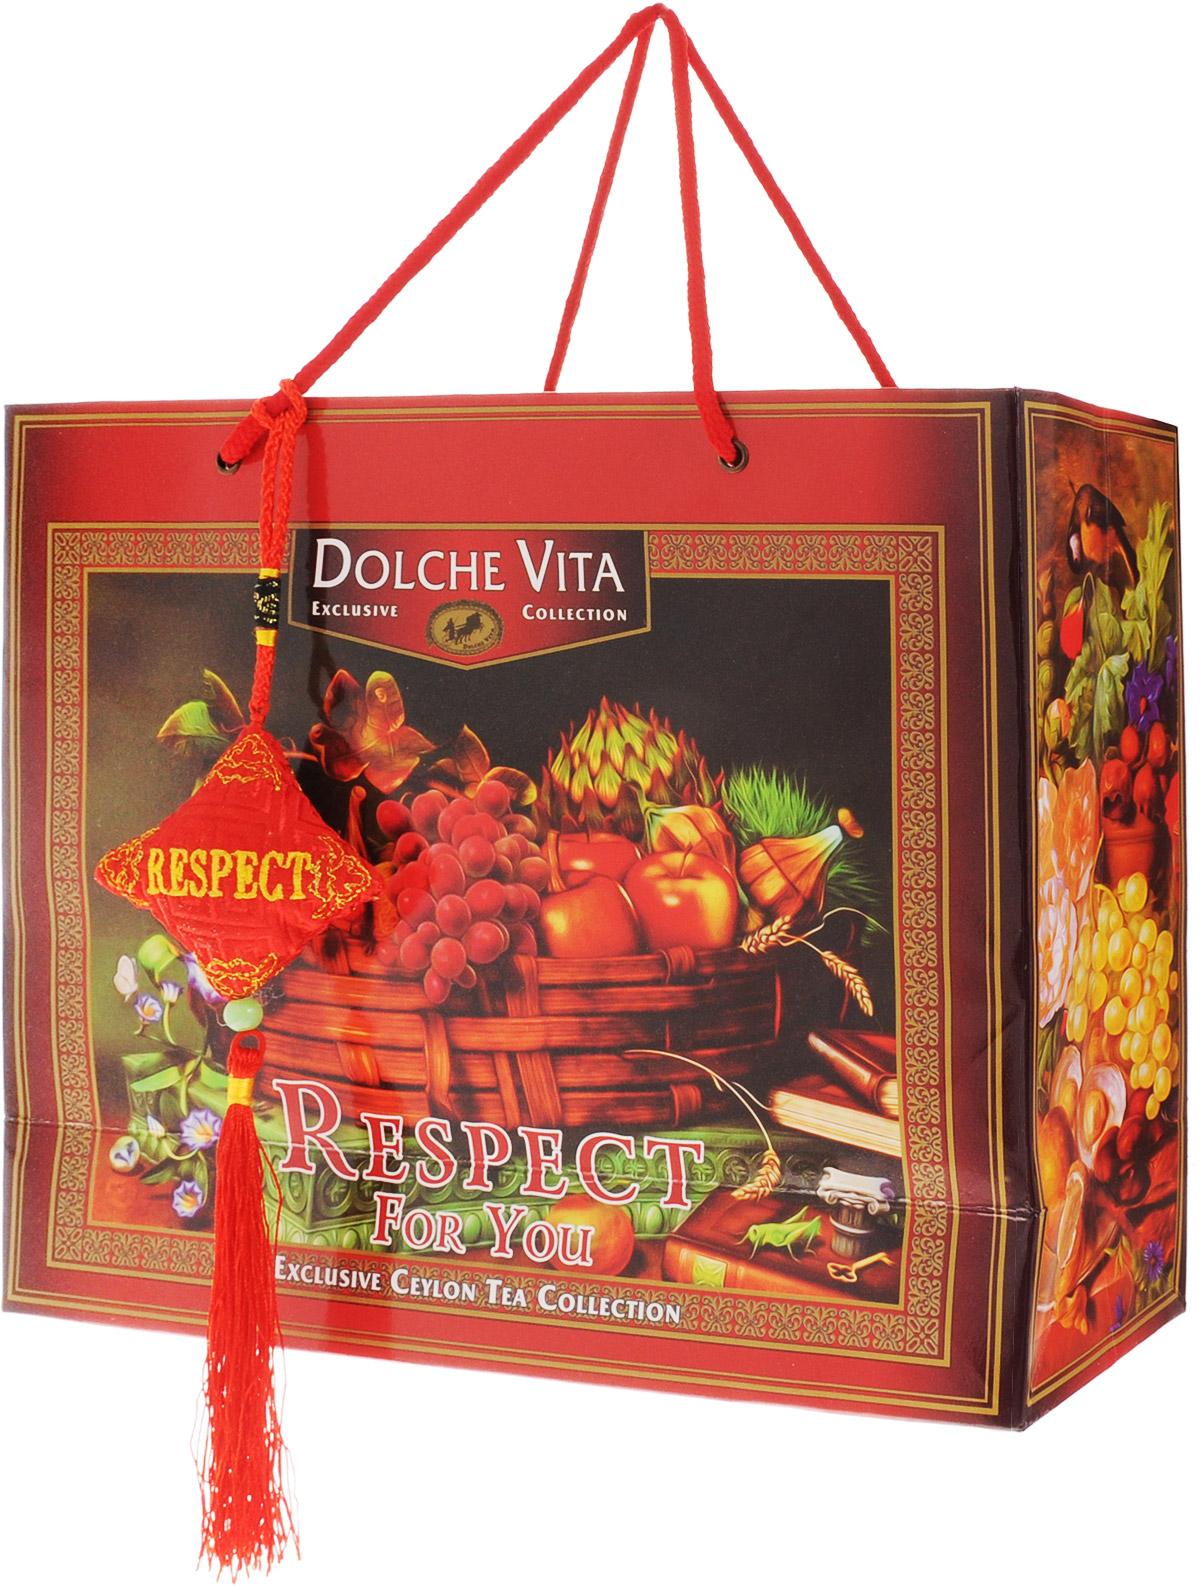 Dolche Vita Respect подарочный набор черного листового чая, 200 г цена и фото